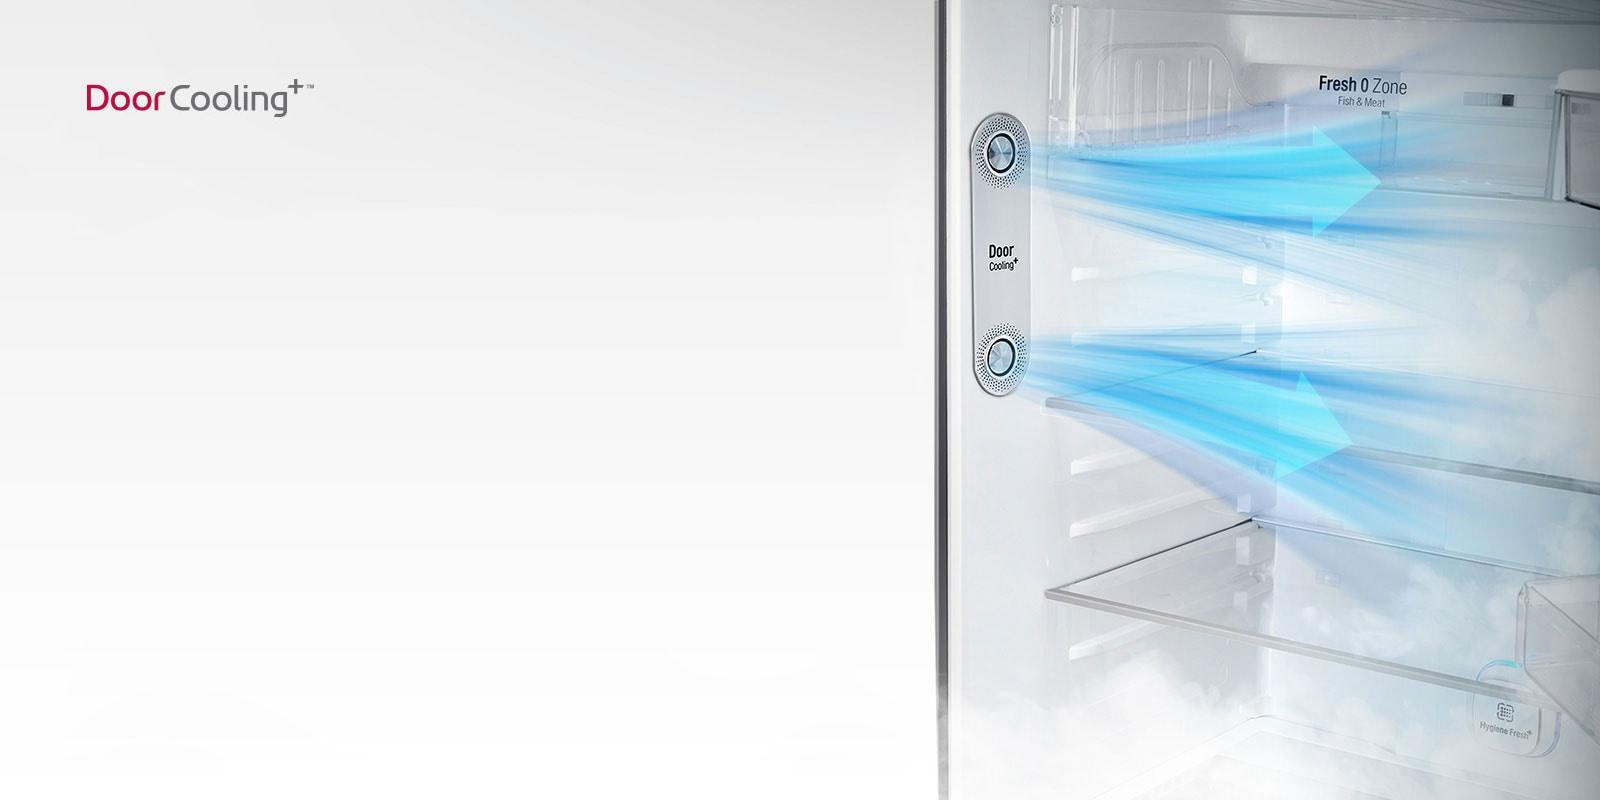 Réfrigérateur LG  312 Litres Nofrost prix tunisie